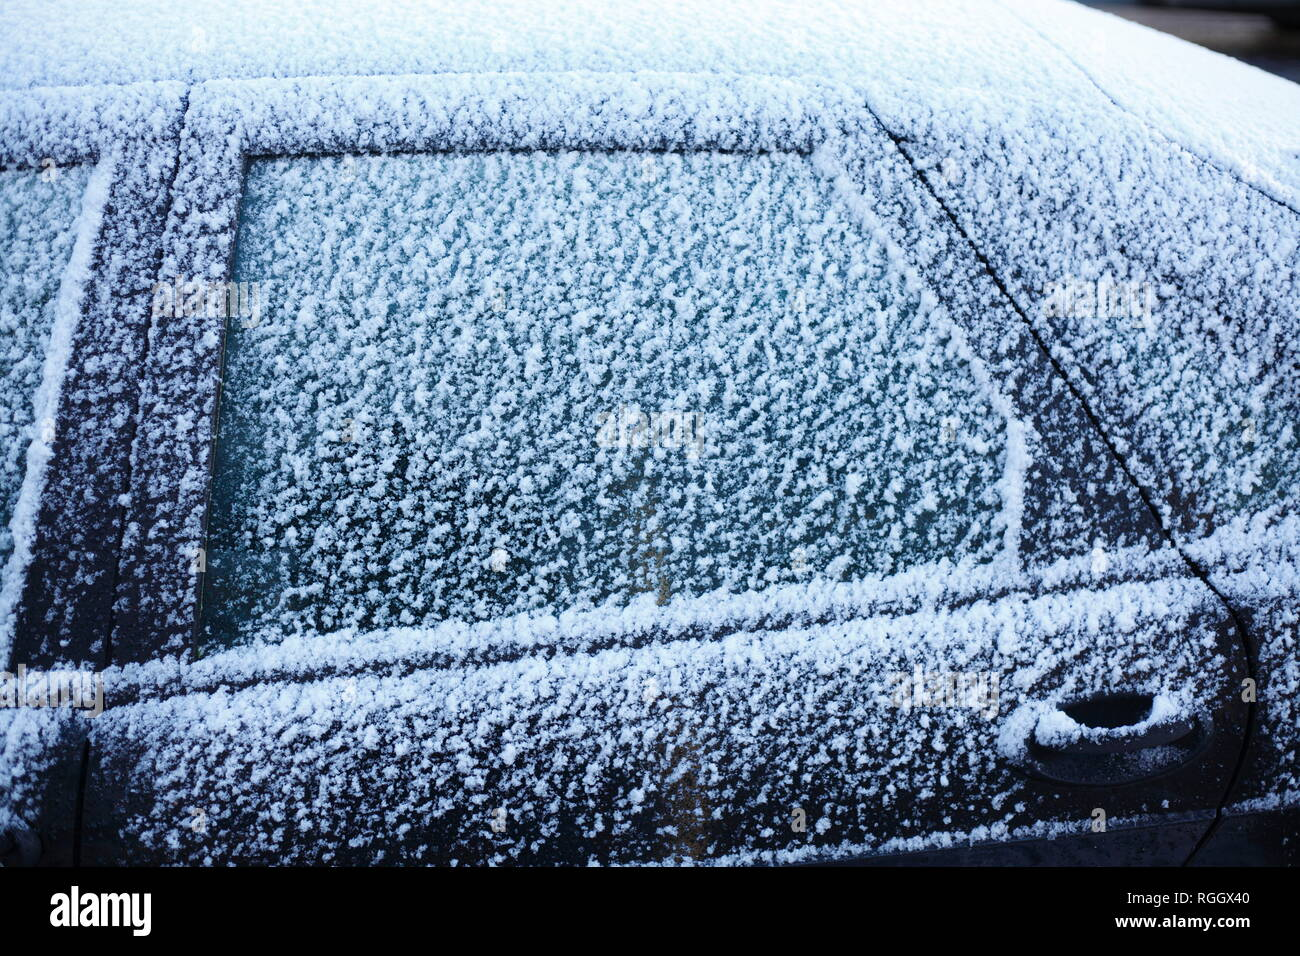 Snowy car window, Germany - Stock Image